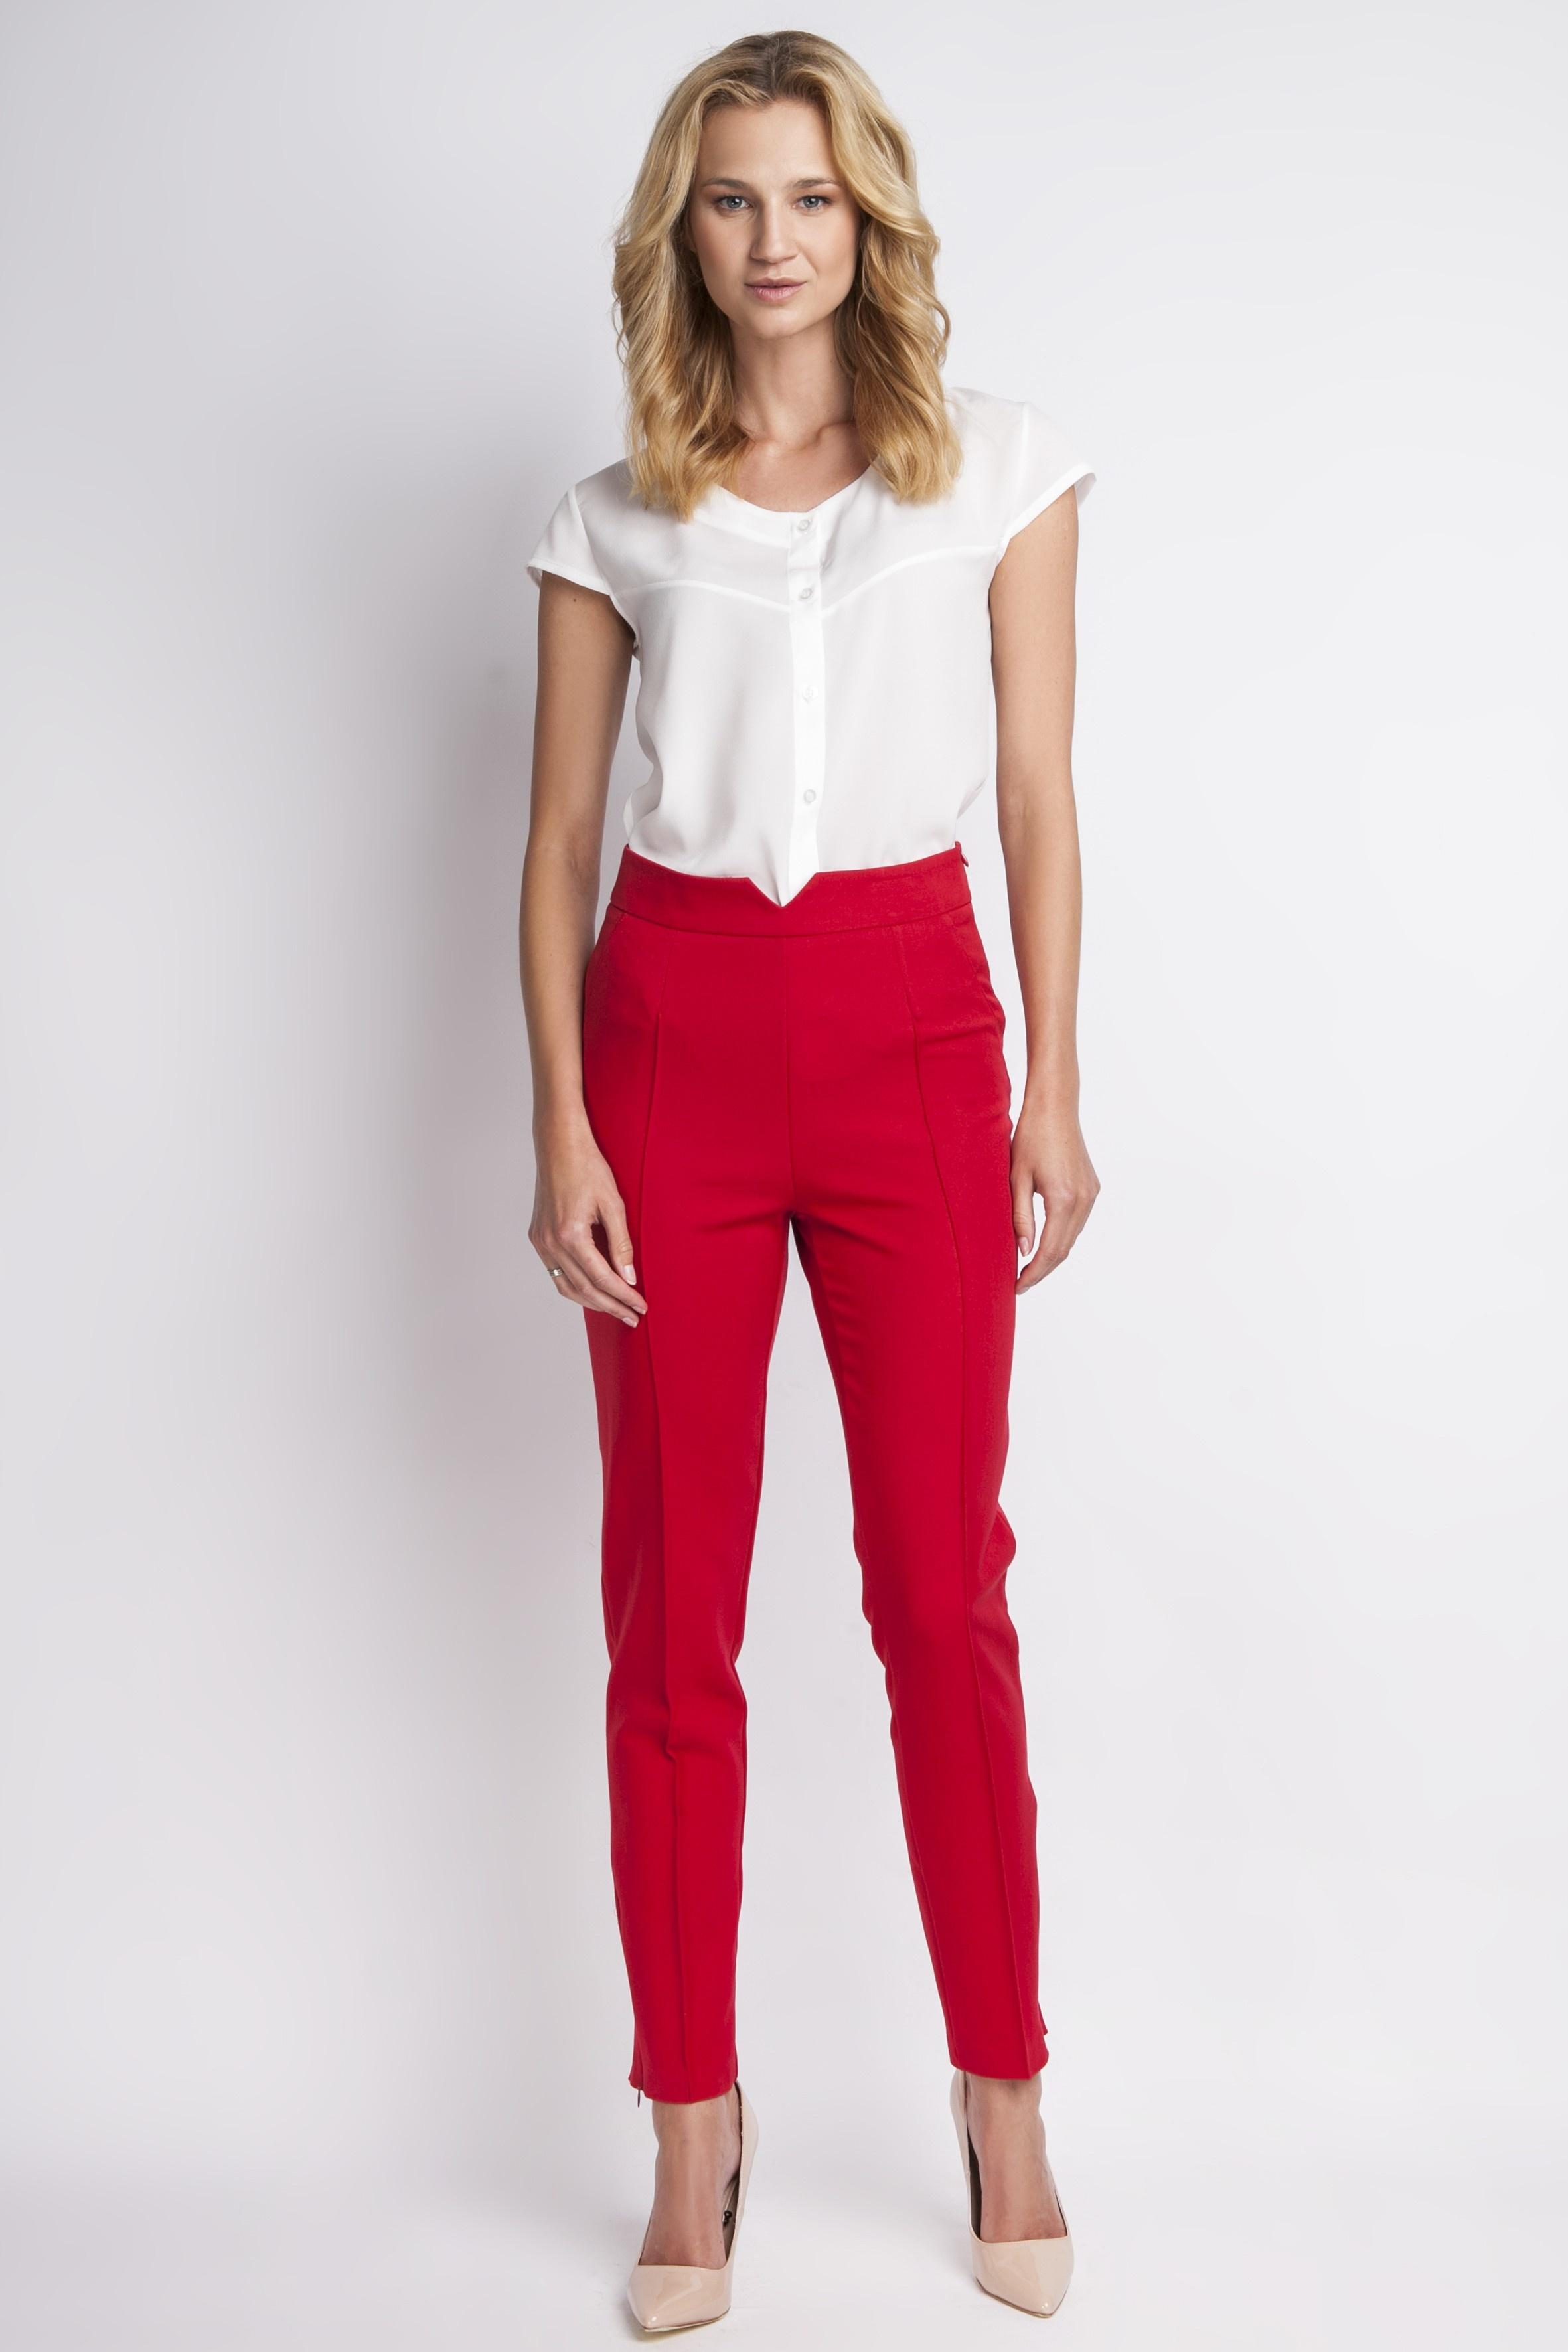 Spodnie z wysokim stanem, SD112 czerwony Lanti